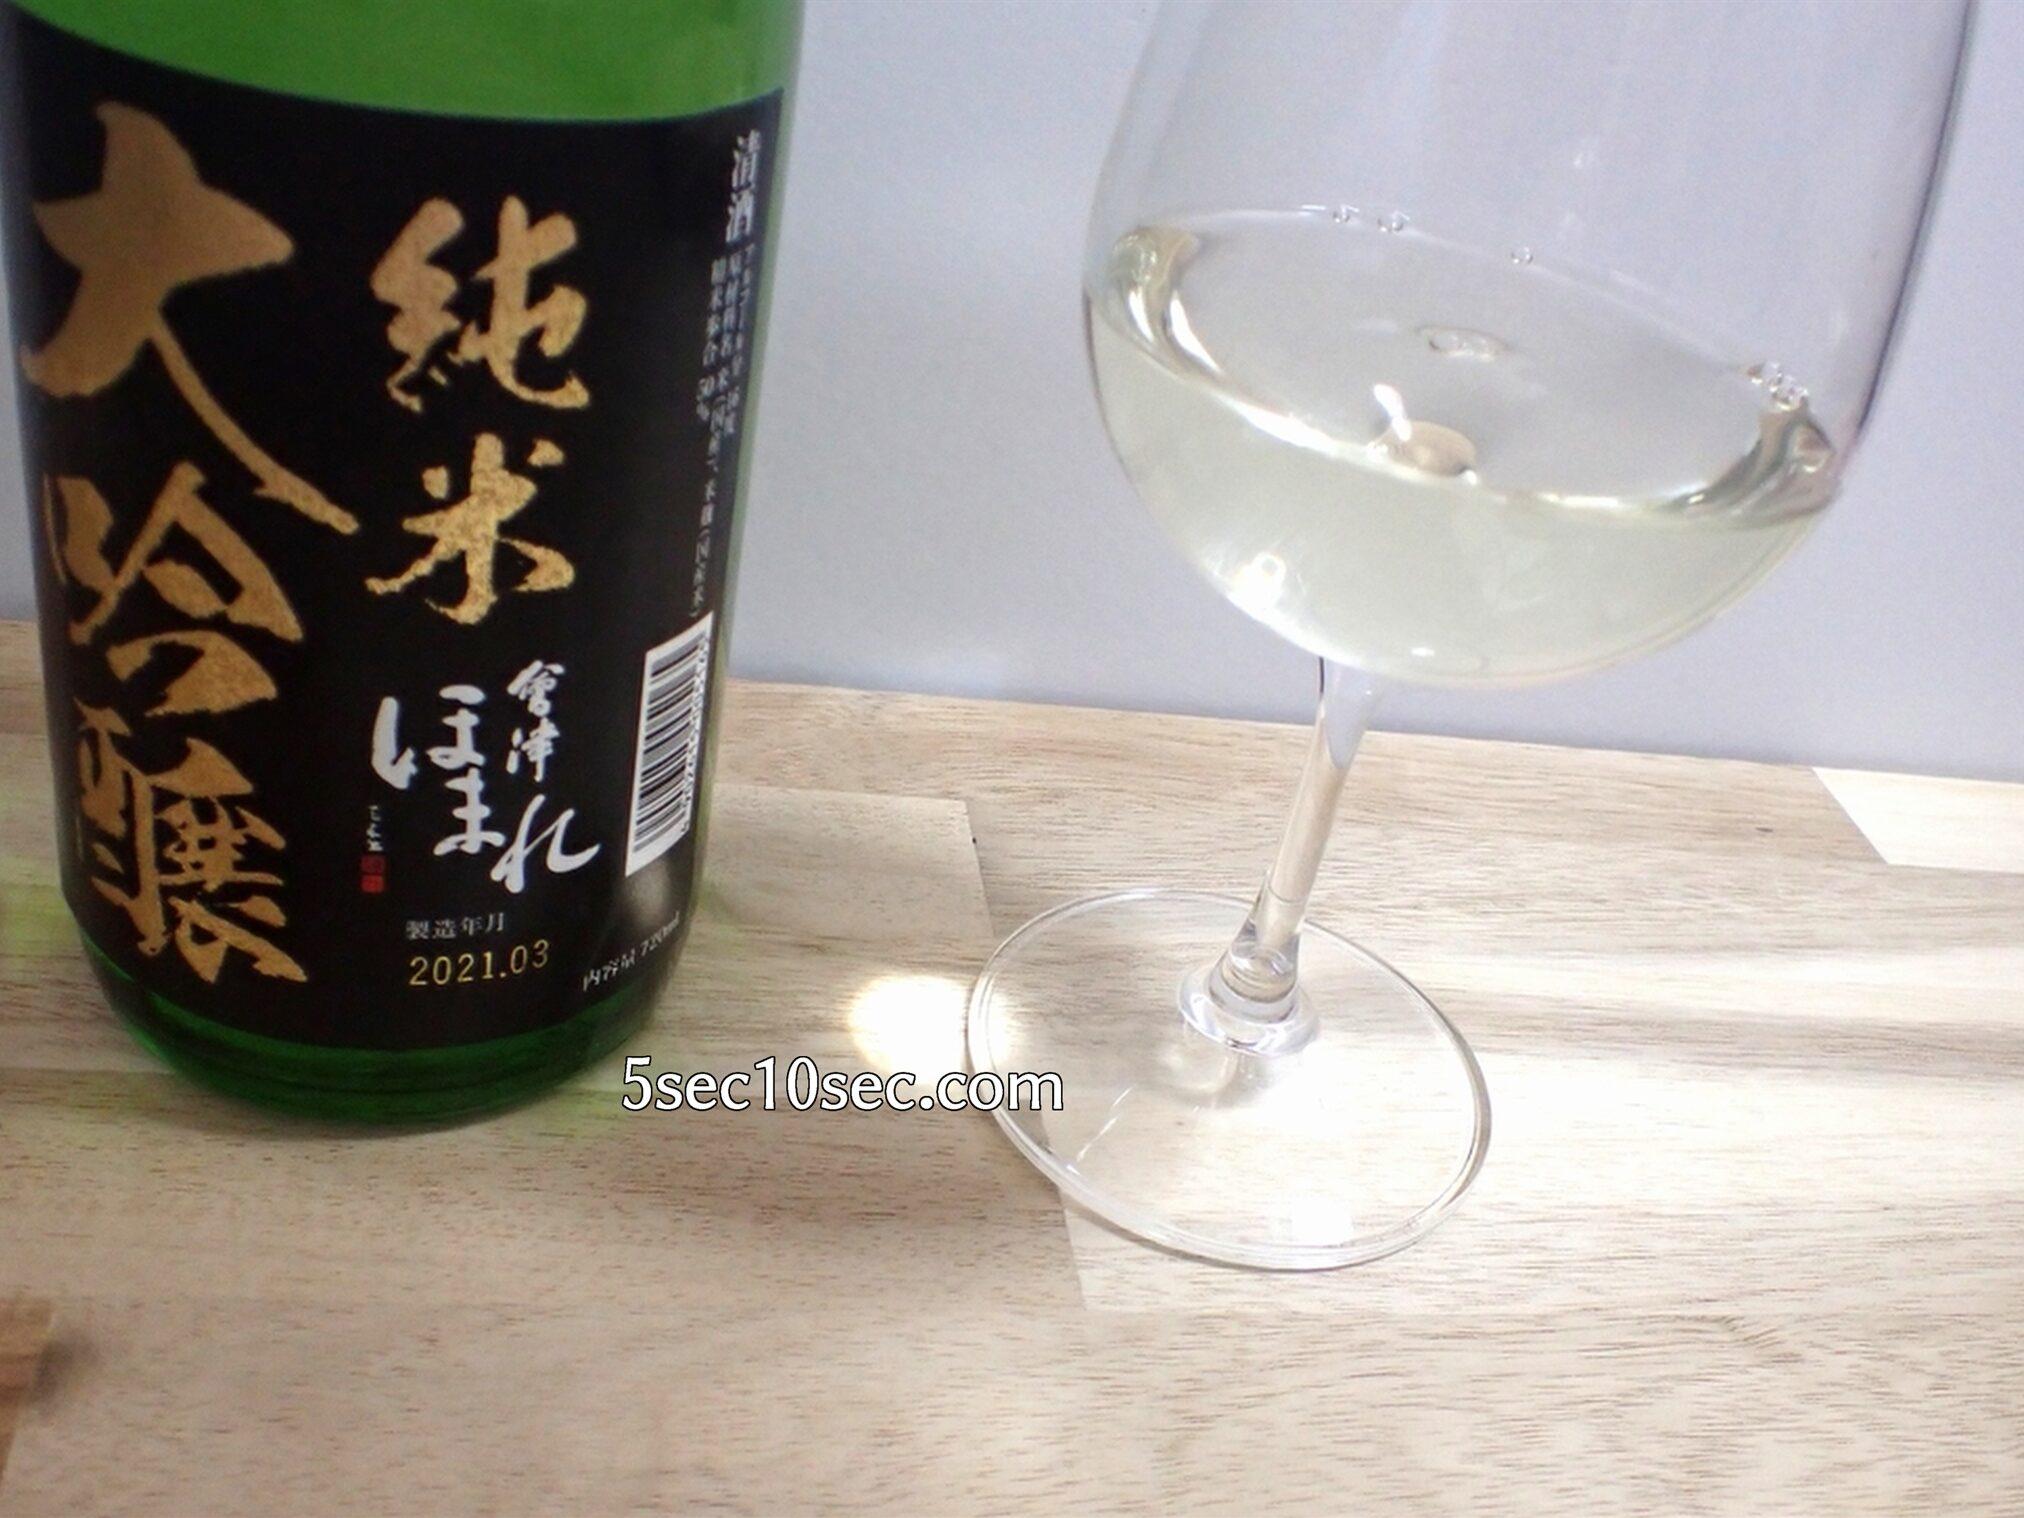 しっとりしたフルーティー感 日本酒 純米大吟醸 会津ほまれ 黒 極 黒ラベル